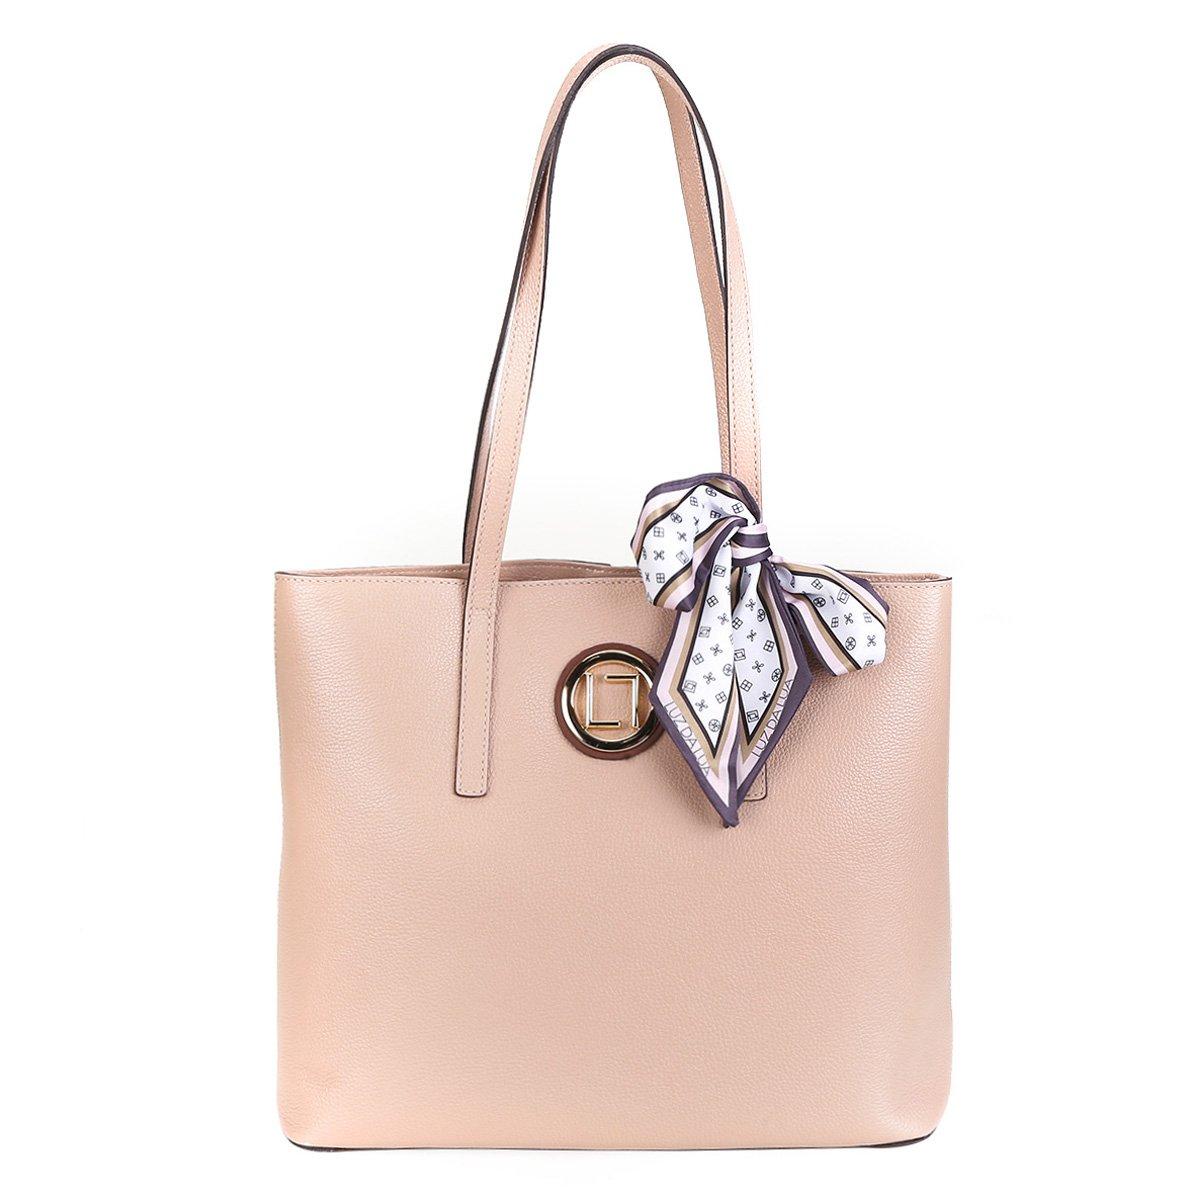 06c46e7717 Bolsa Couro Luz da Lua Shopper Lenço Feminina - Compre Agora